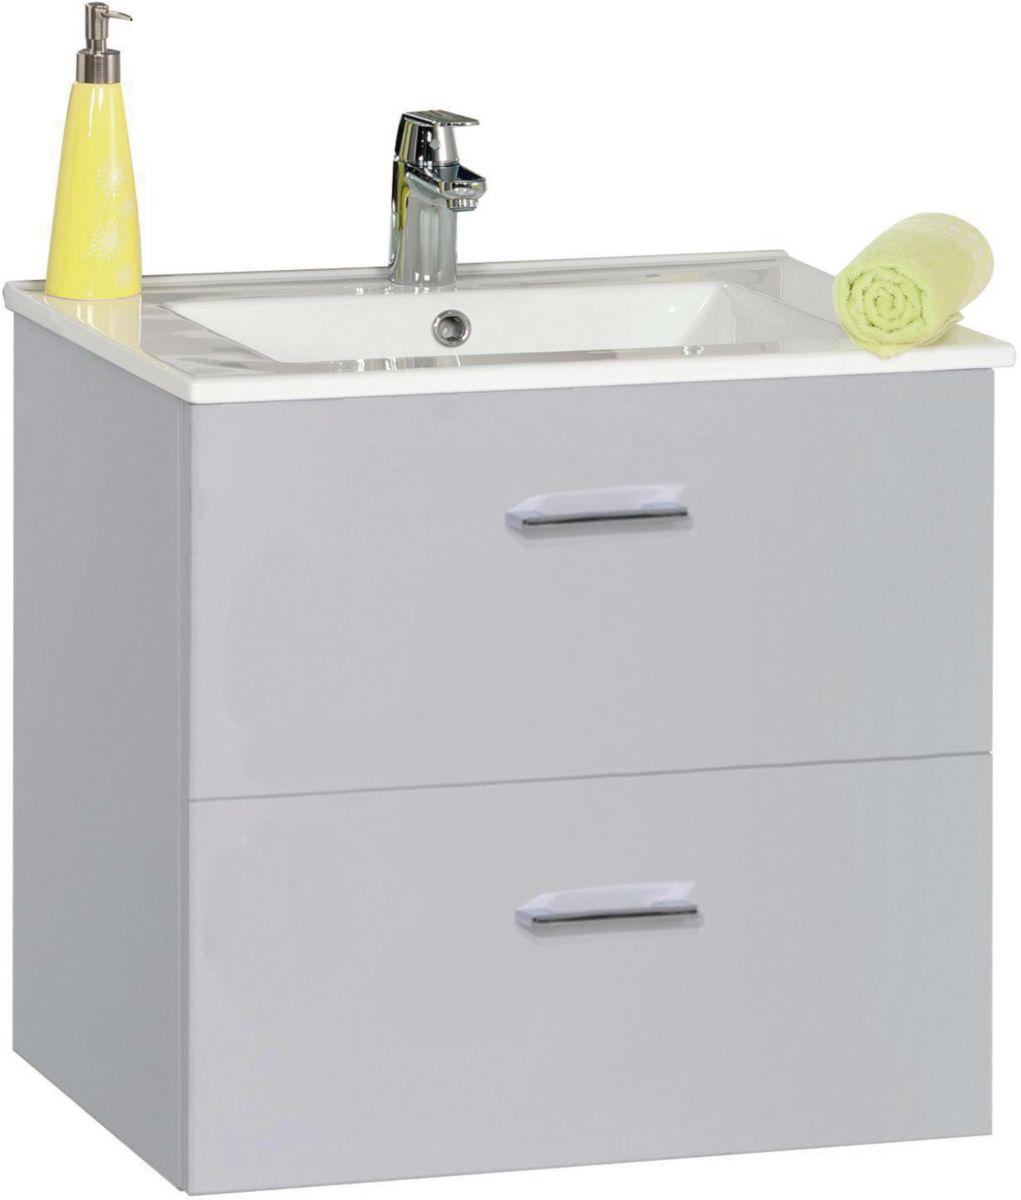 Meuble vasque salle de bain cedeo meuble vasque cedeo for Meuble sanitaire